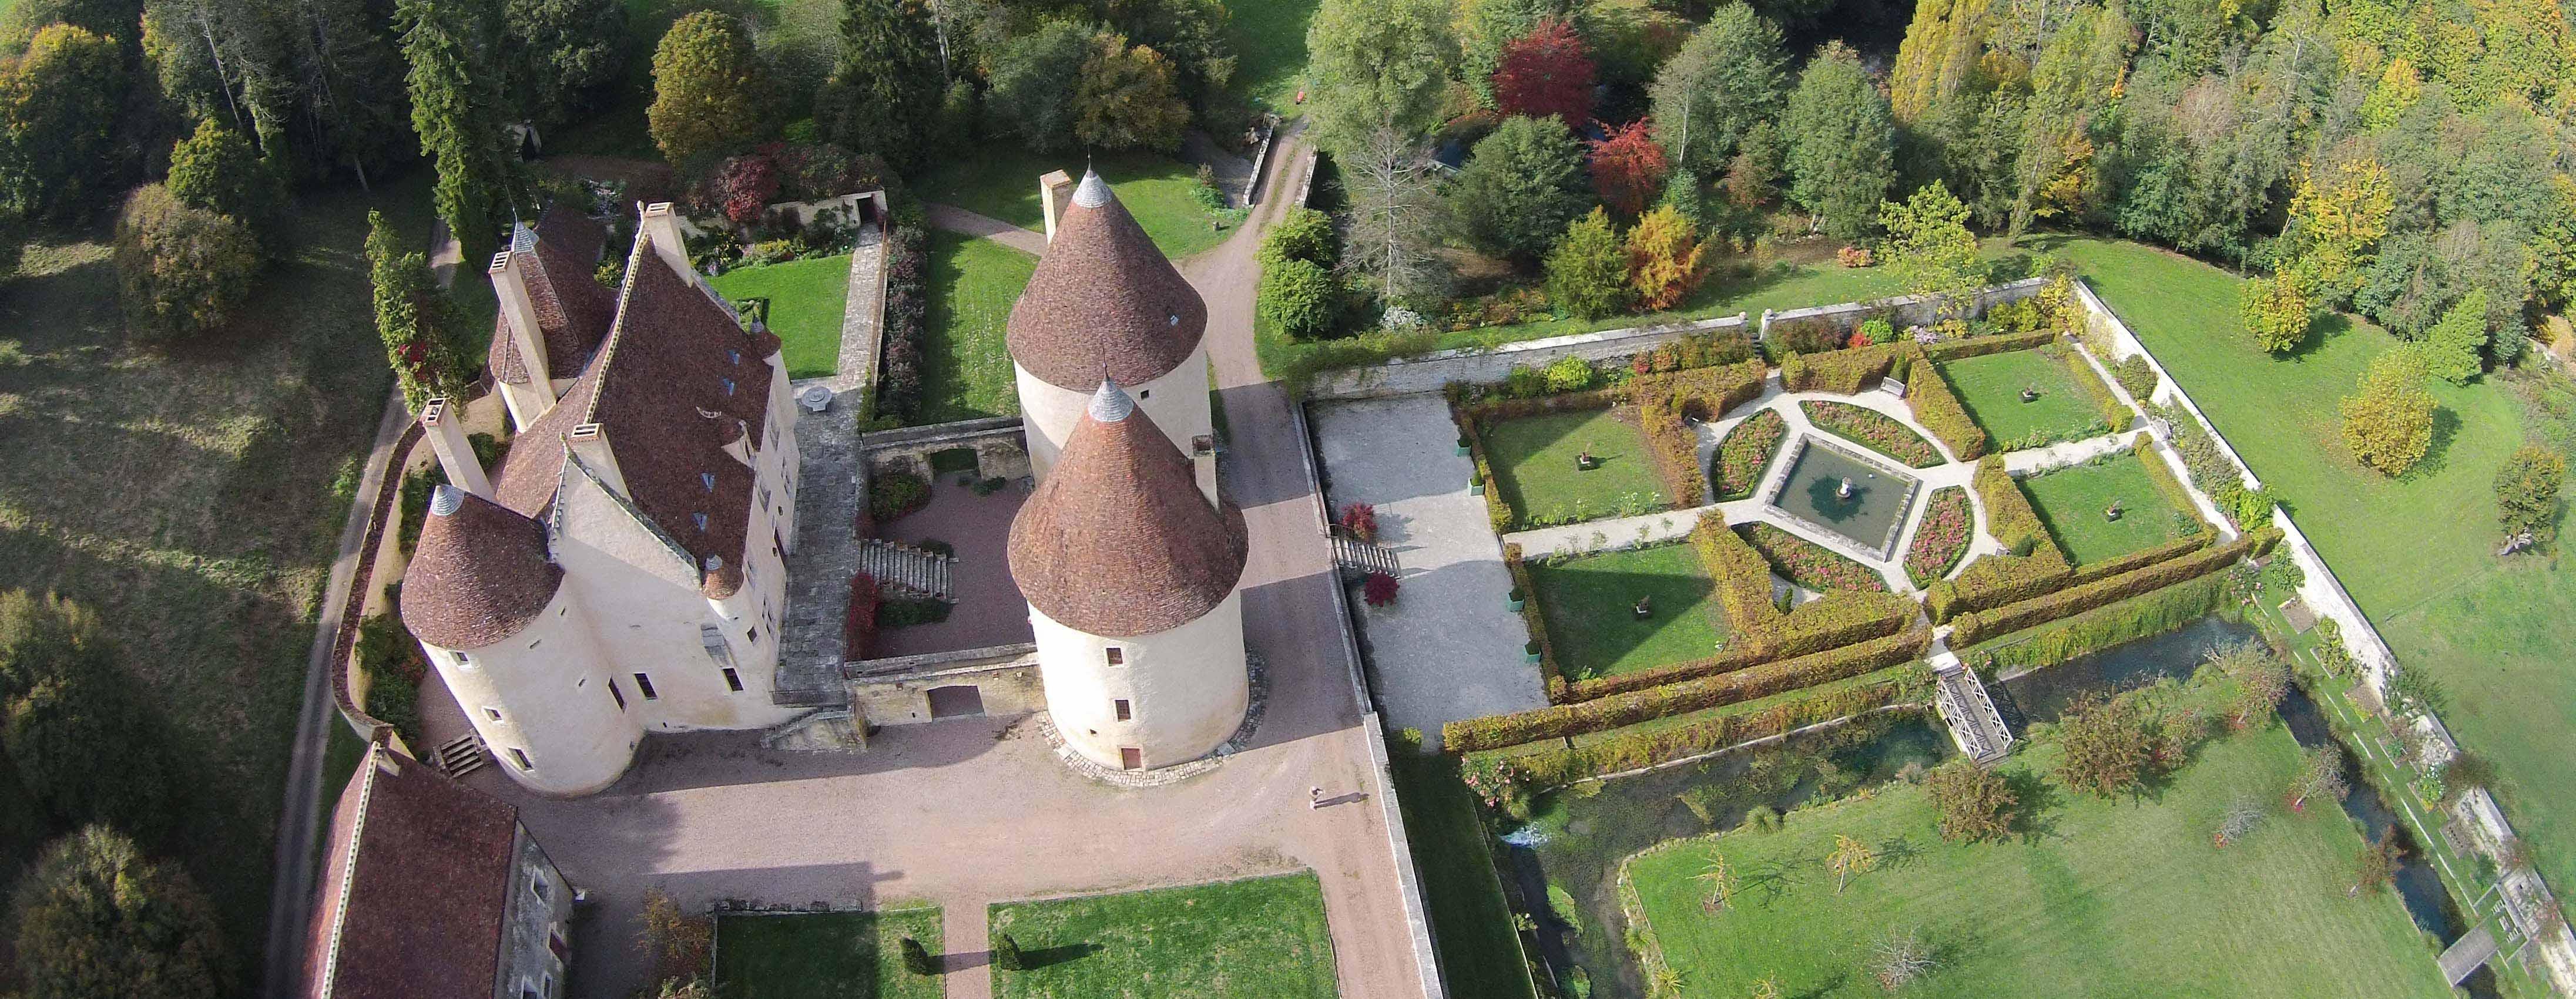 Les remarquables jardins du ch teau de corbelin val de loire for Jardin remarquable 2015